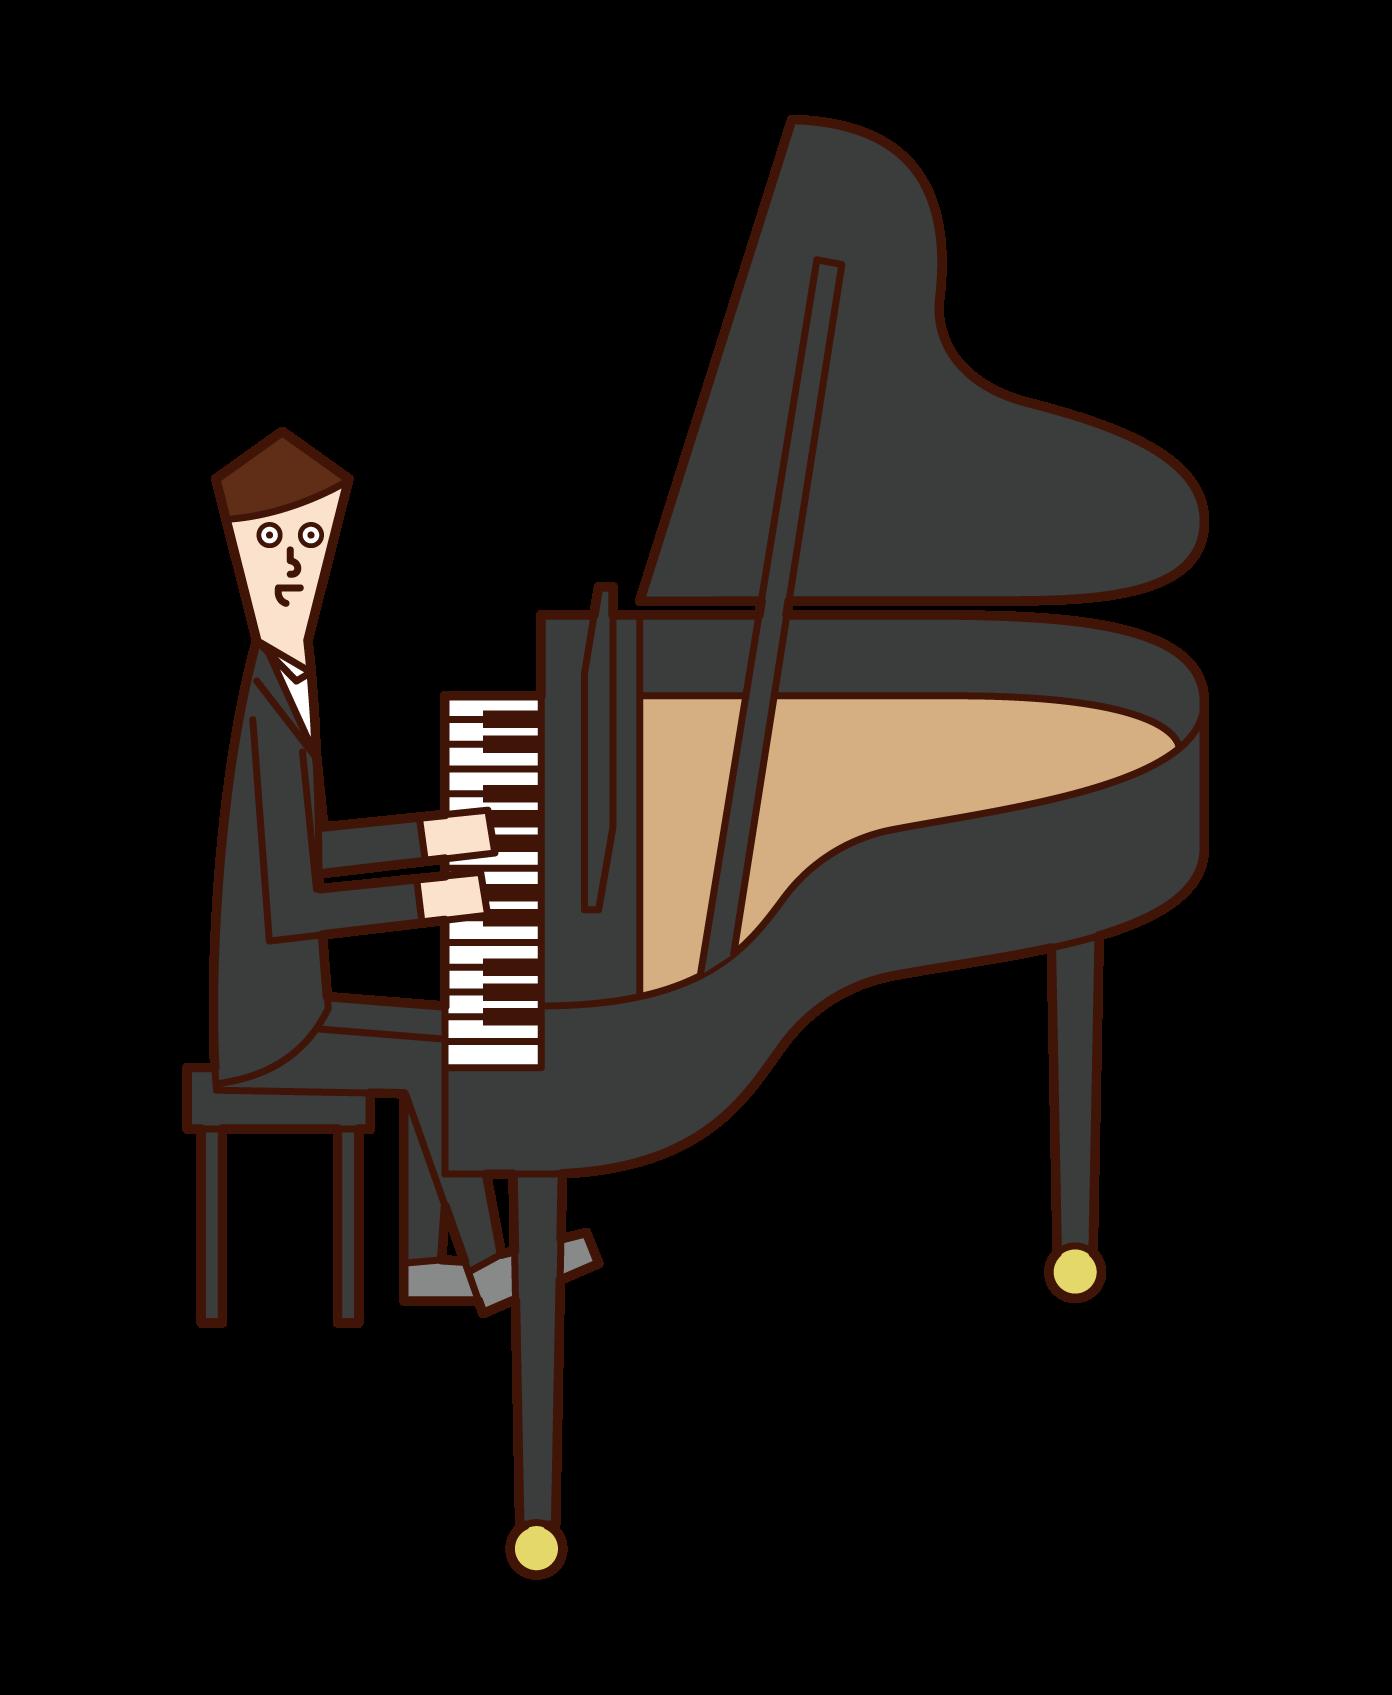 피아니스트의 일러스트 (남성)